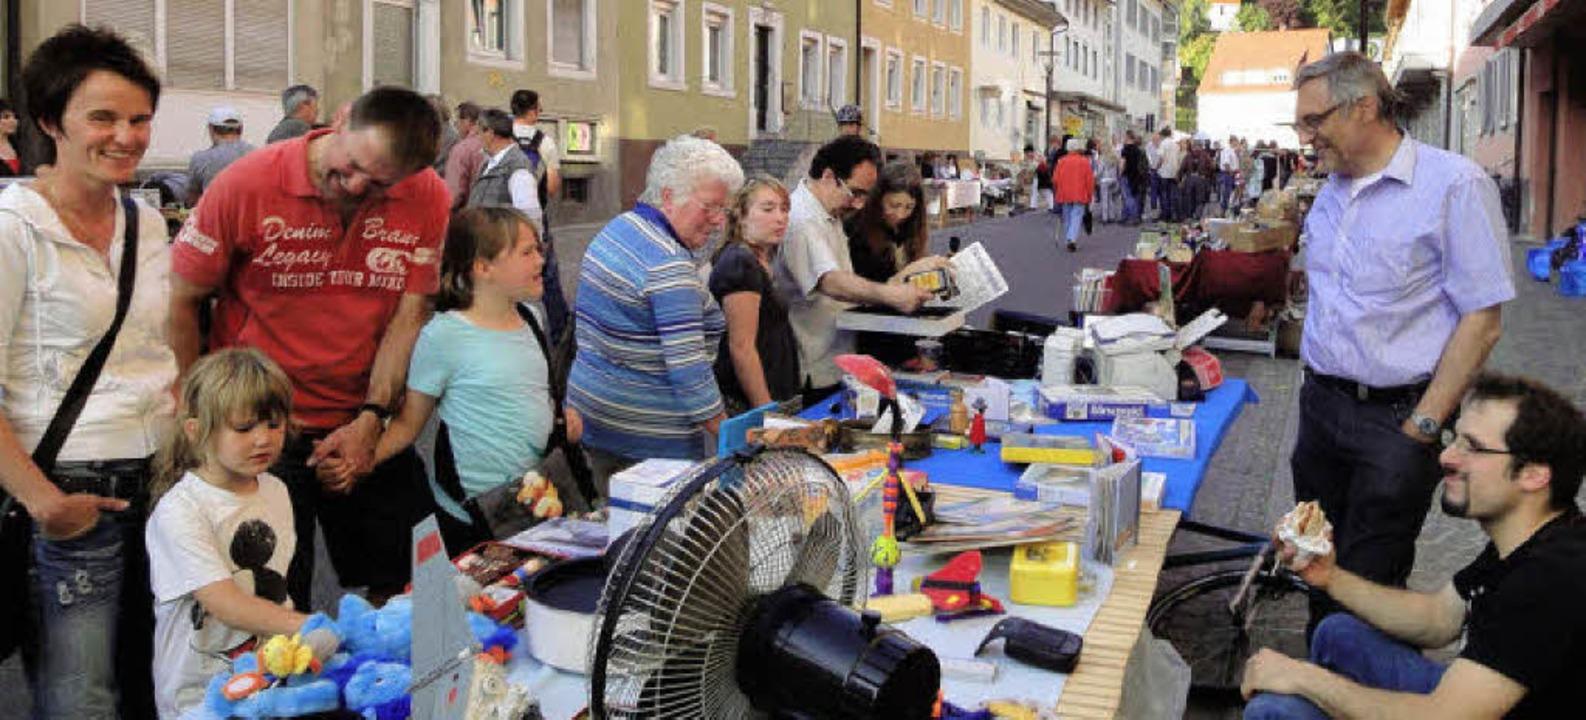 Ob Velobörse,  Nachtflohmarkt oder  Ab...In Zell ging es am Freitagabend rund.   | Foto: Hartenstein